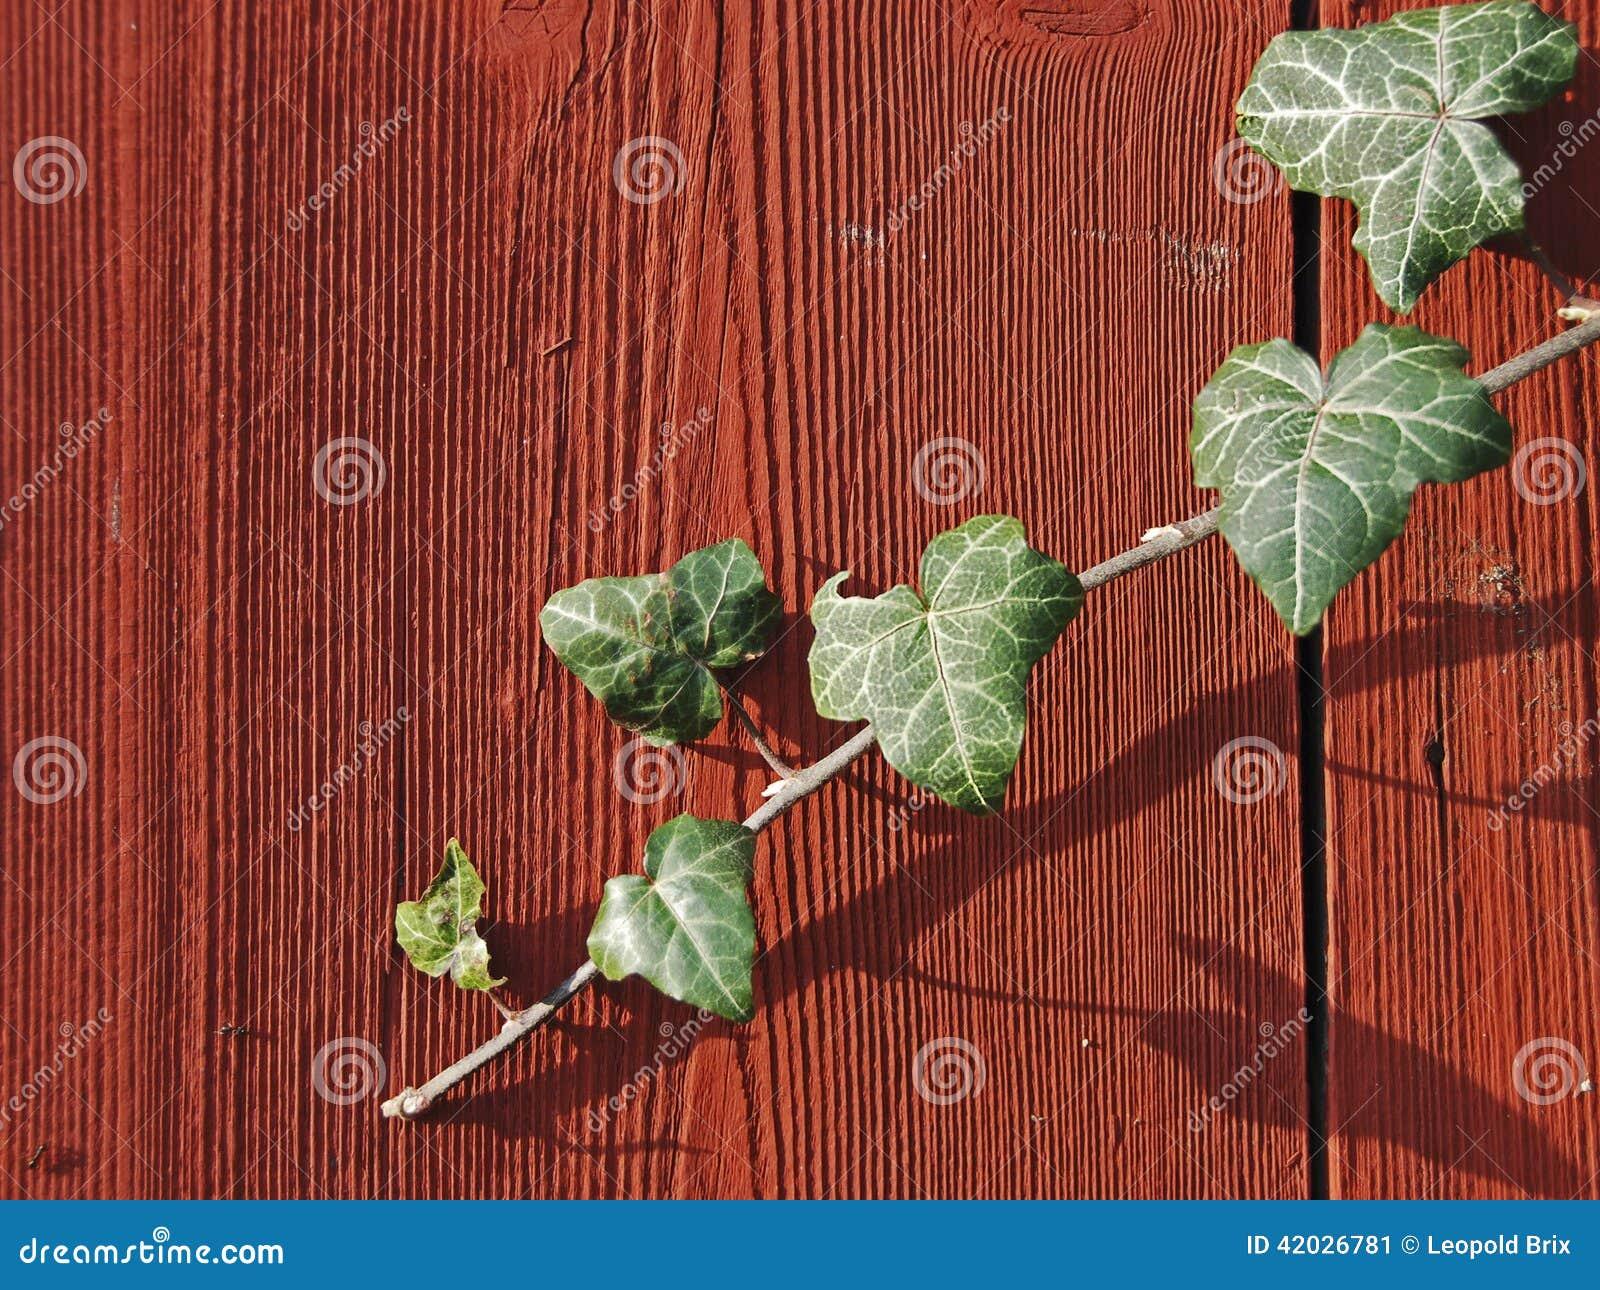 Lierre au mur en bois rouge de falun photo stock image - Rouge de falun ...